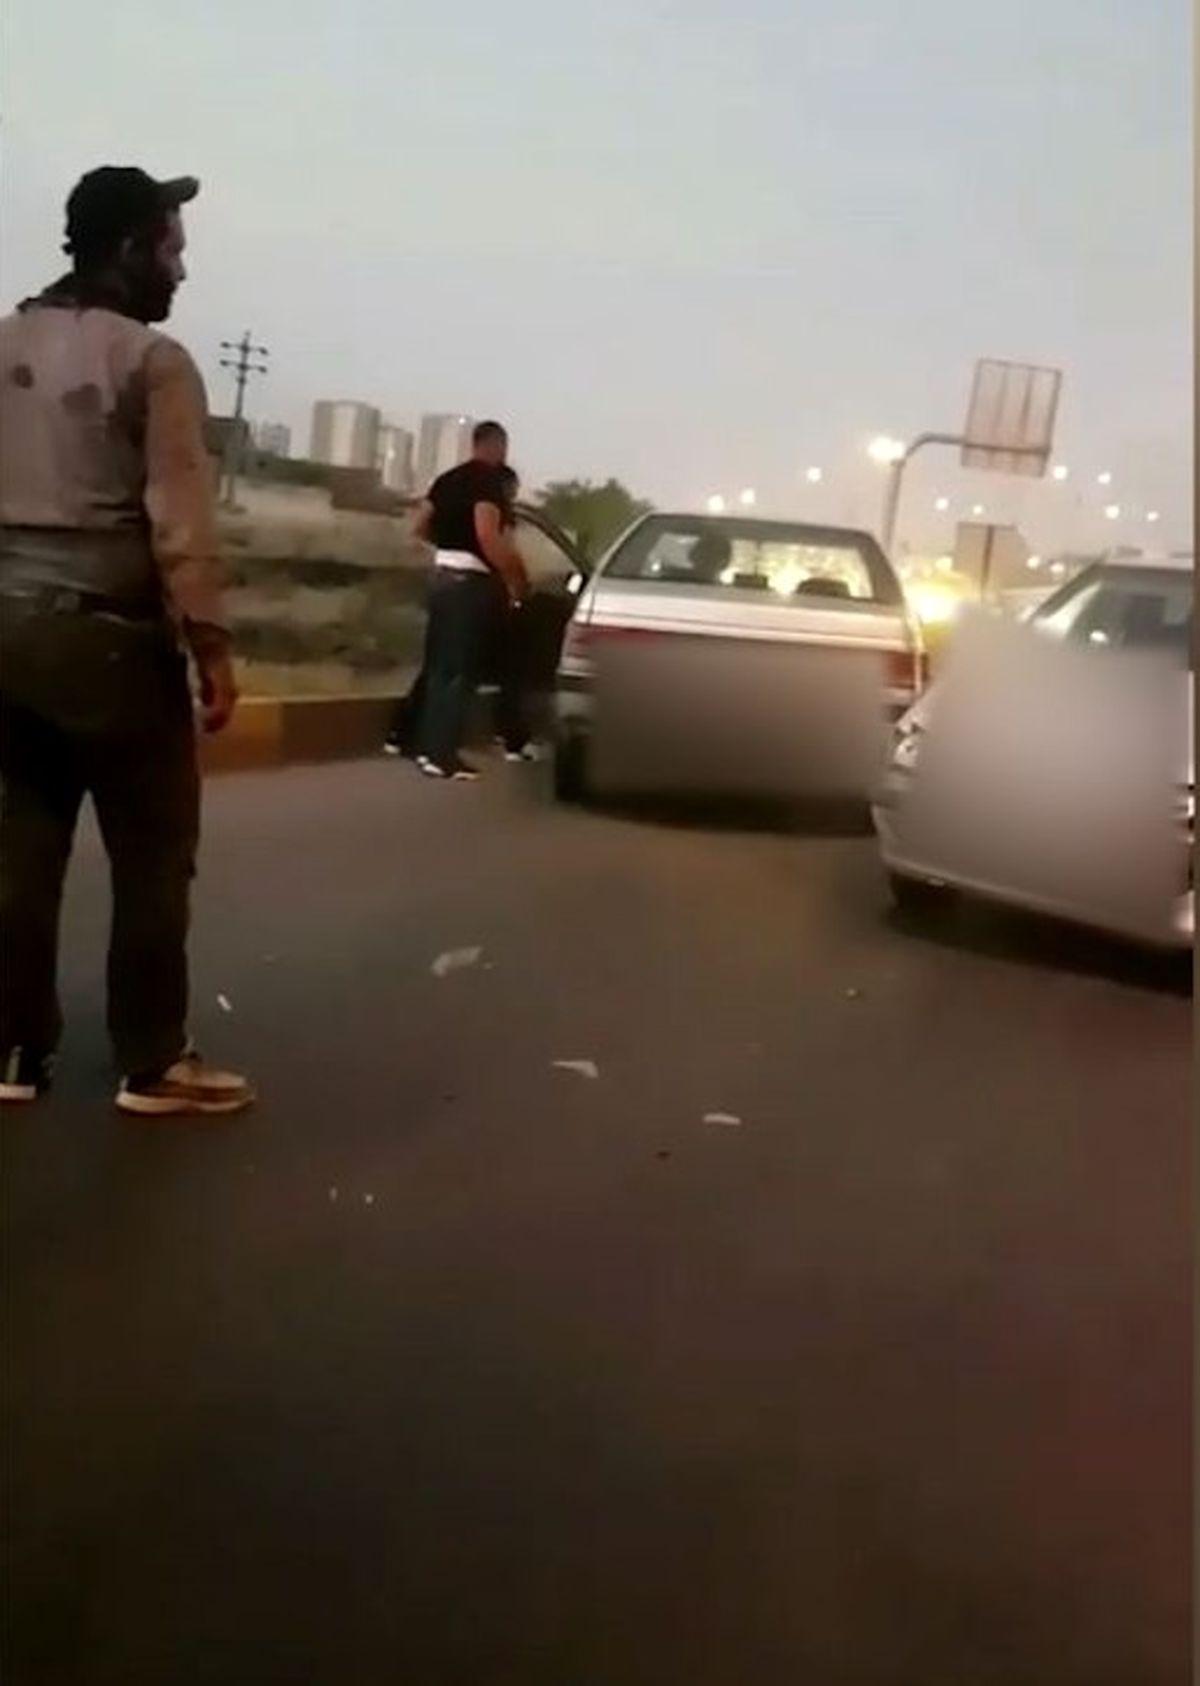 فیلم تبرزنی وحشیانه و حمله به مرد راننده در گرگان